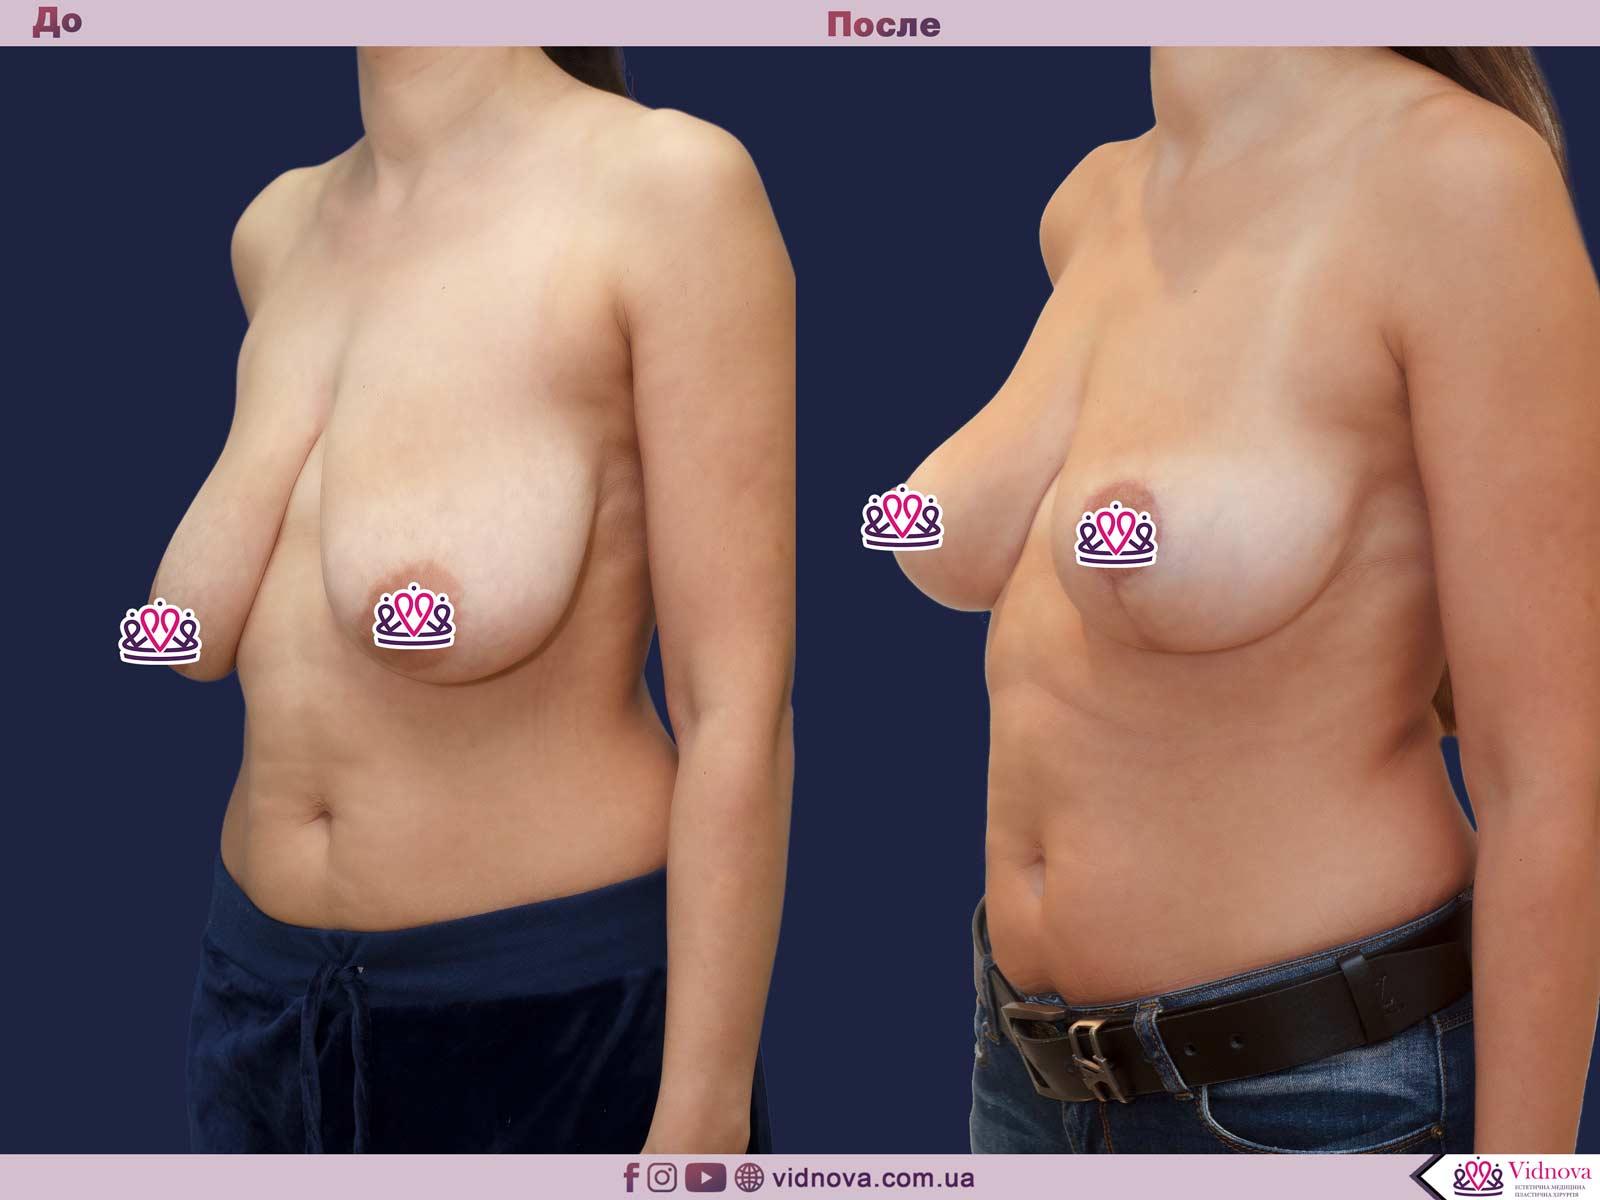 Пластика груди: результаты до и после - Пример №31-1 - Светлана Работенко